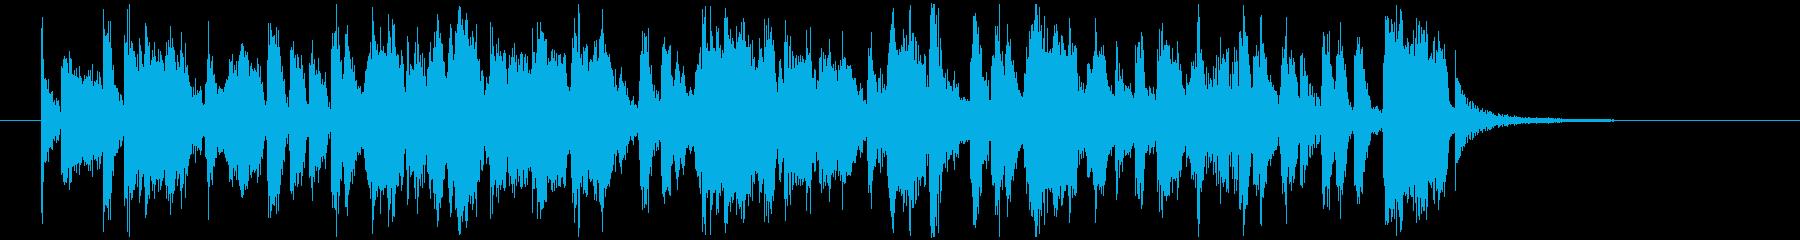 ショパンノクターン第2番のビッグバンド風の再生済みの波形